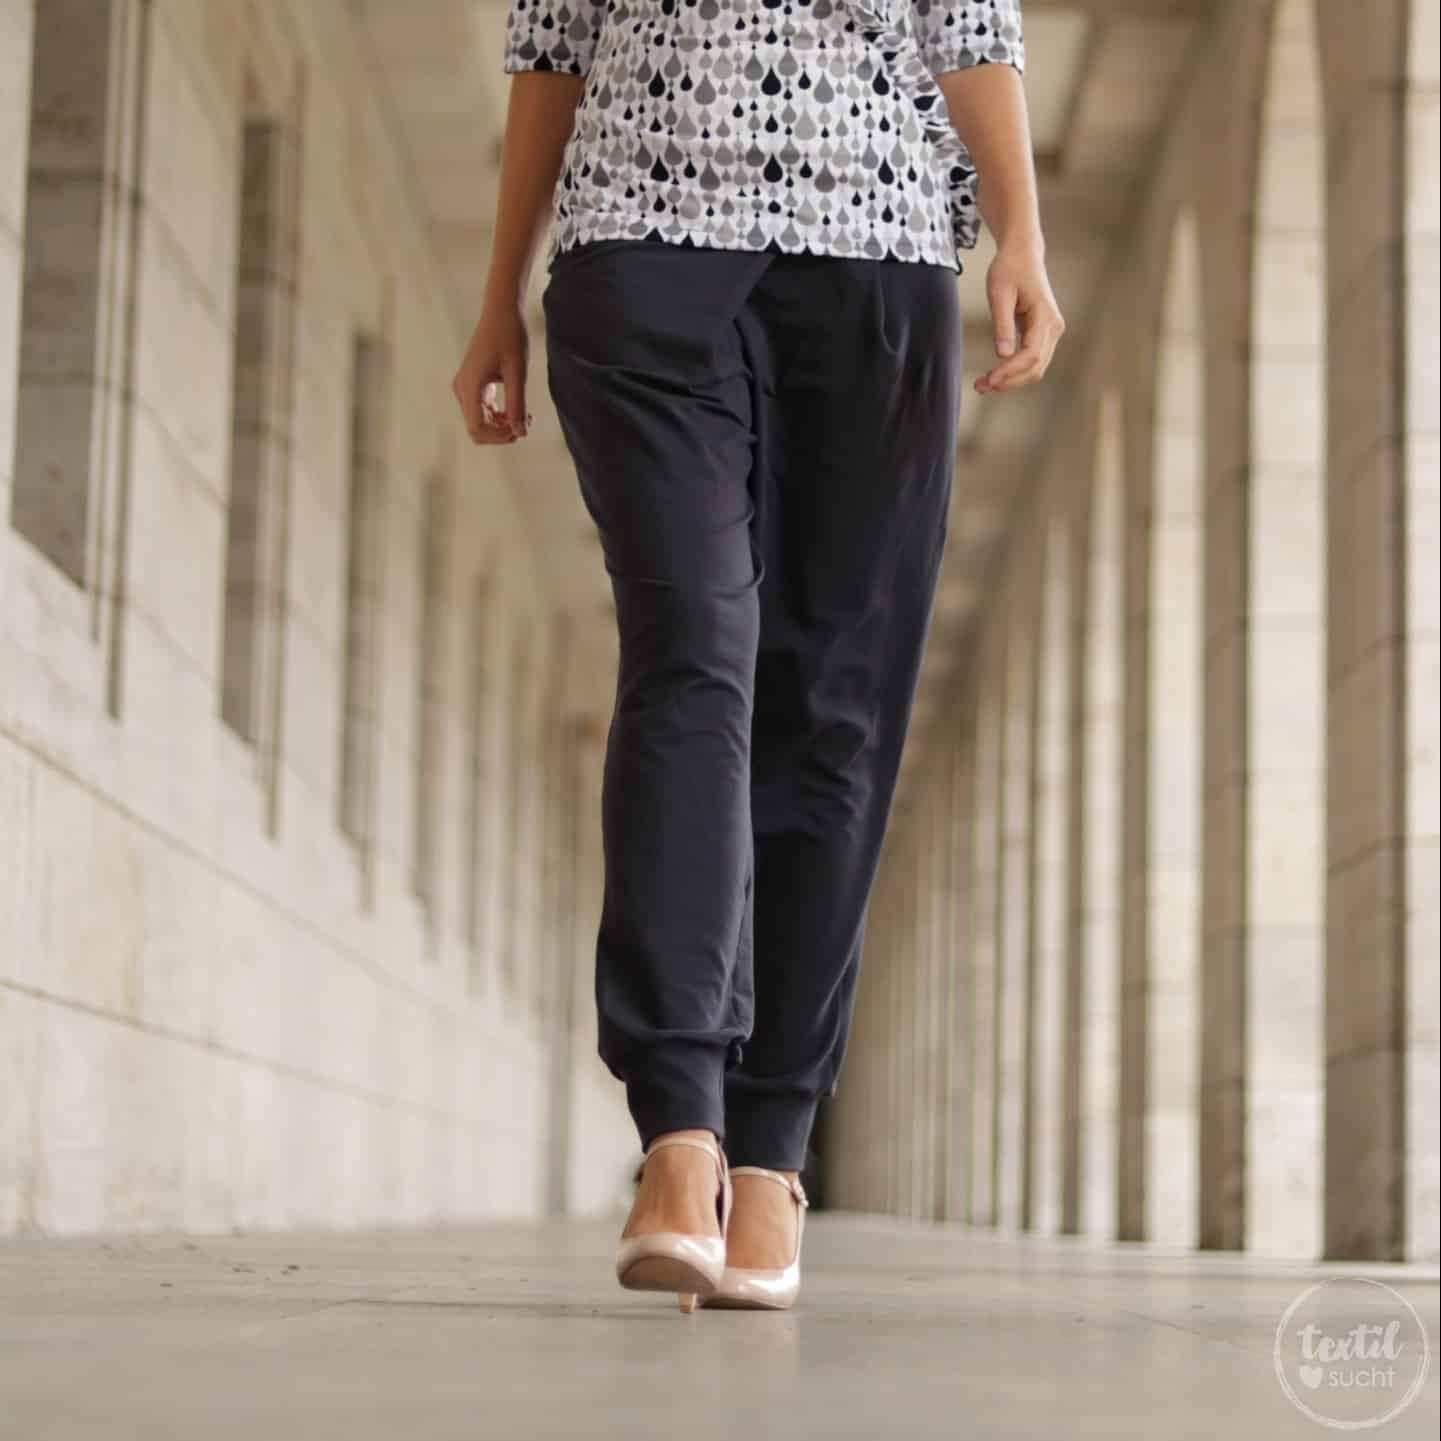 Schnittmuster Bundfaltenhose Damen - inkl. Nähanleitung » Textilsucht®